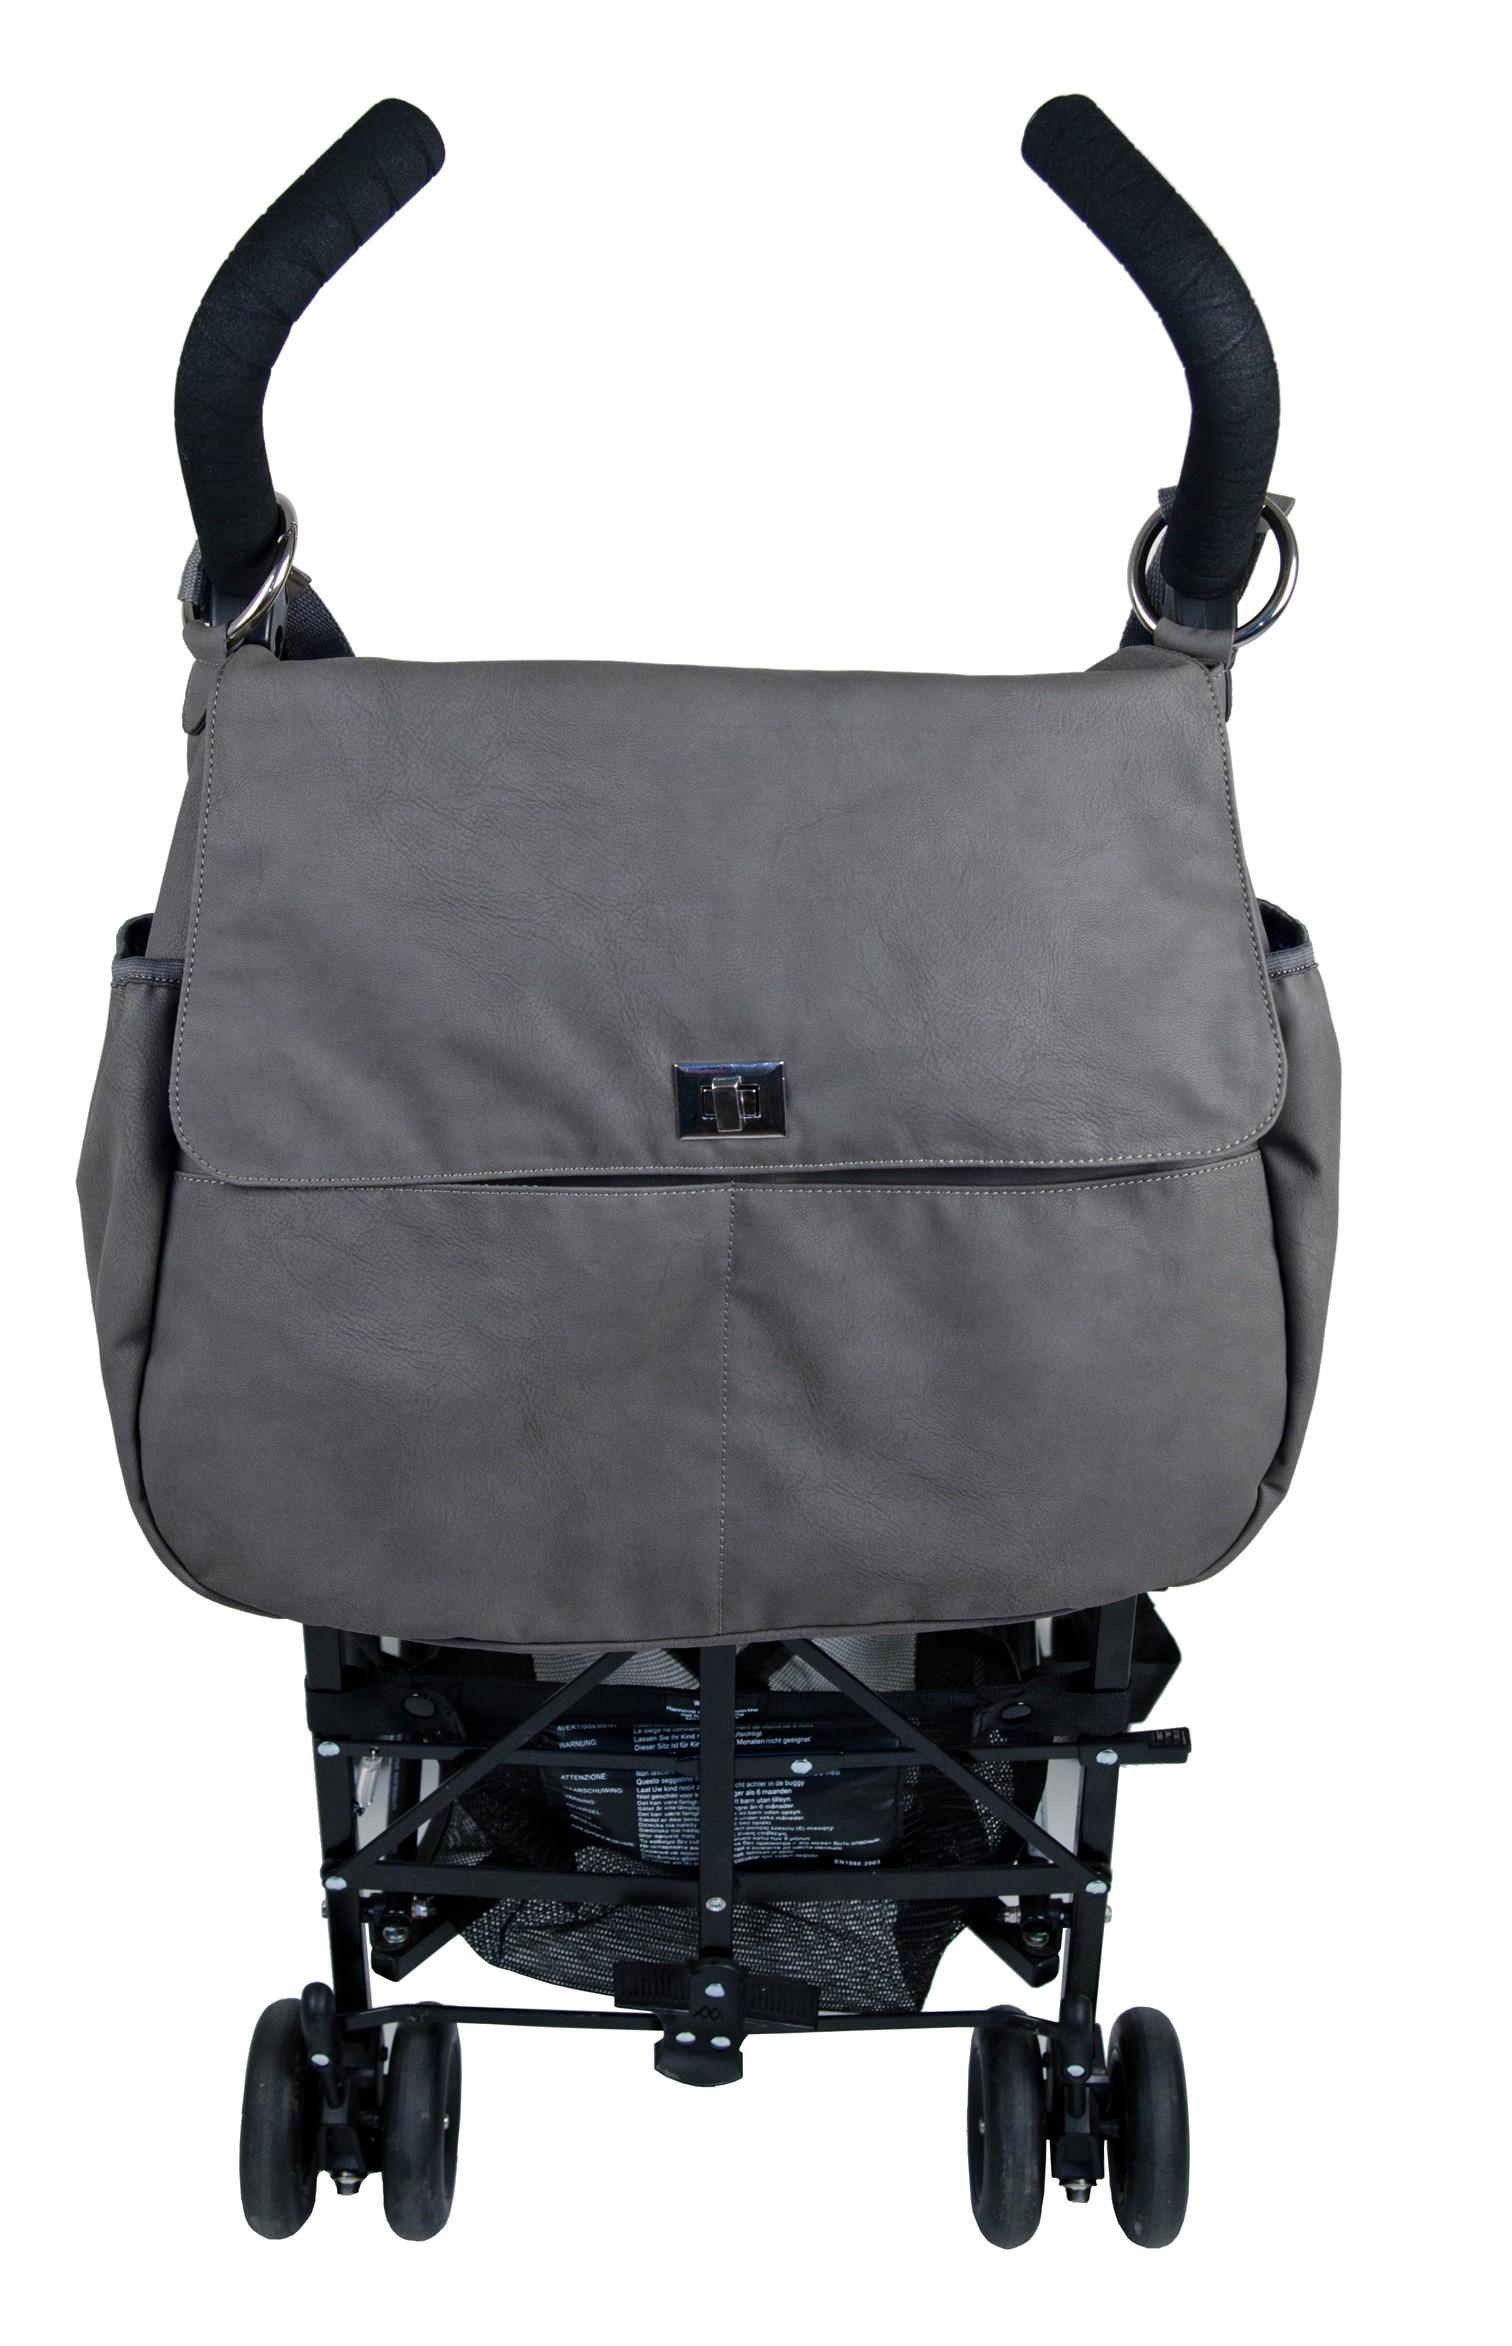 magic stroller bag sac langer diapy bag little b b s pu riculture. Black Bedroom Furniture Sets. Home Design Ideas